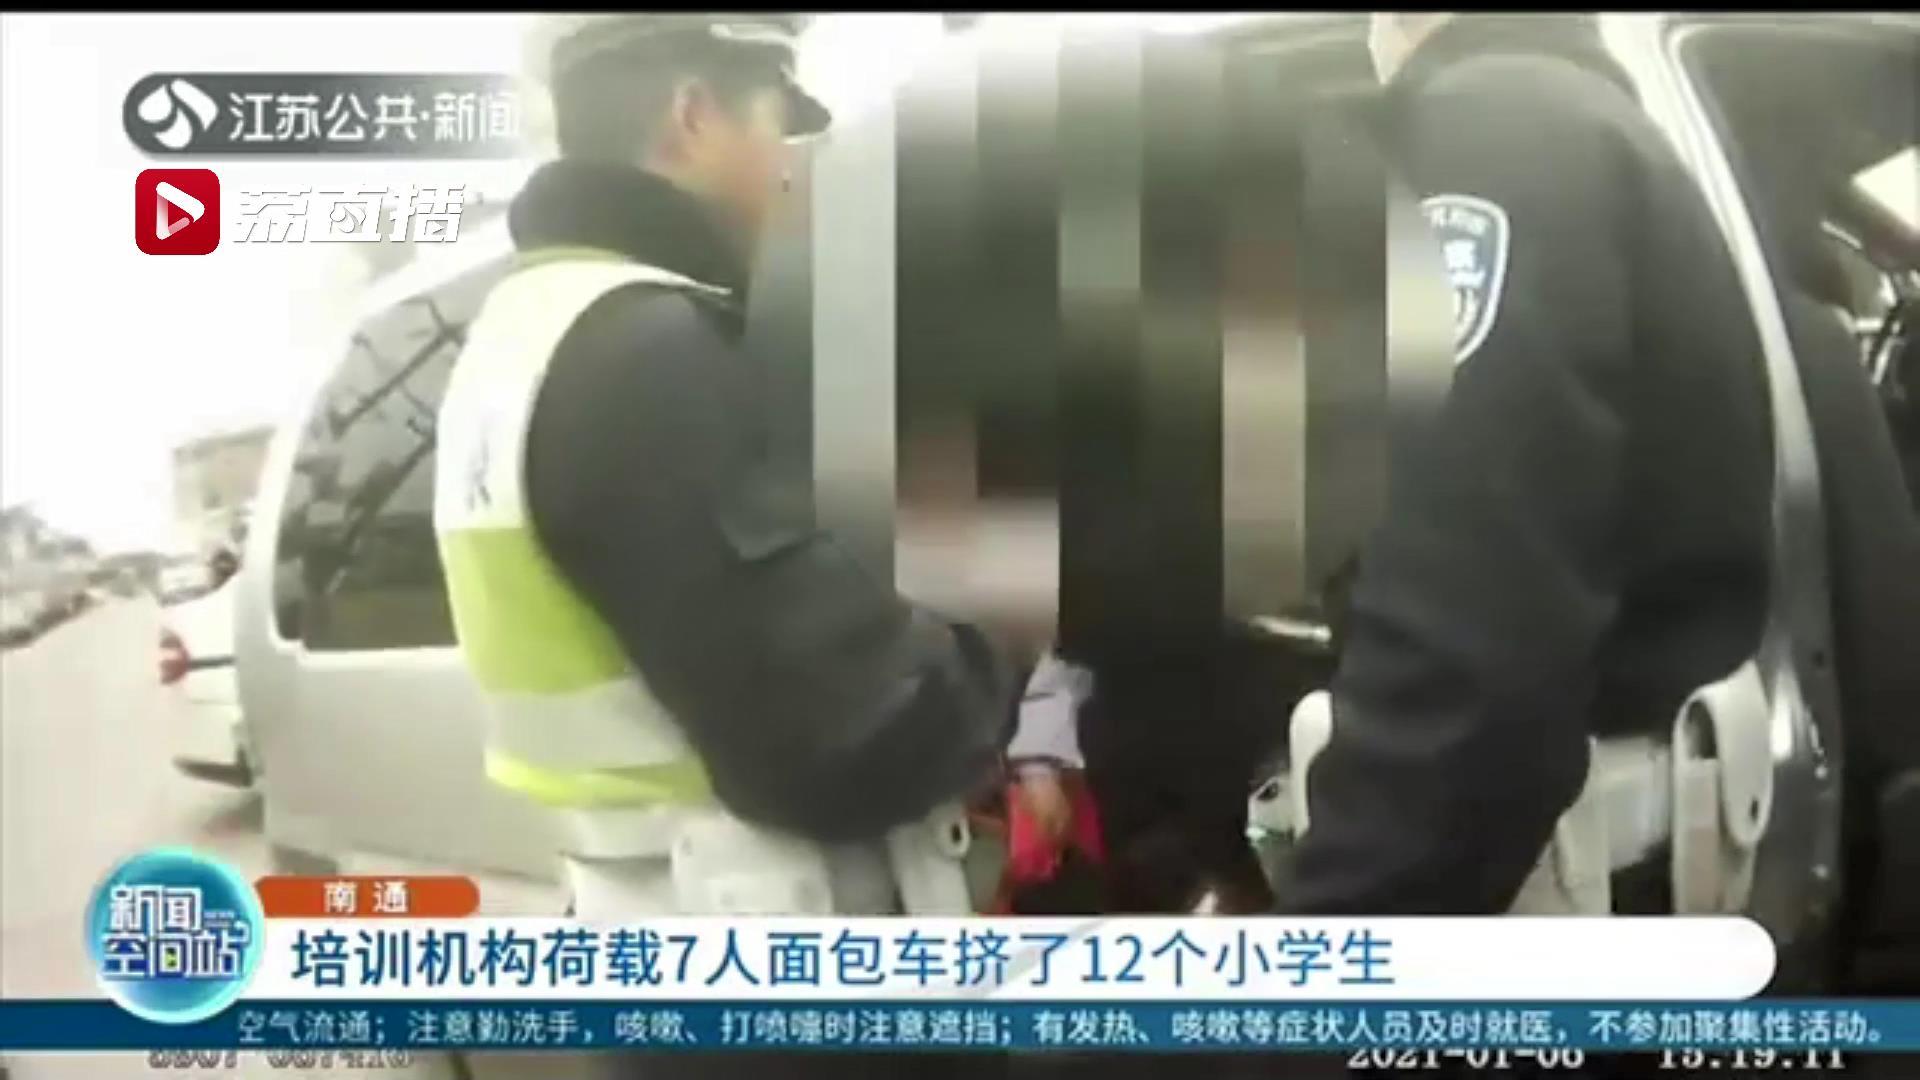 危险!司机图省事 荷载7人面包车挤了12个小学生